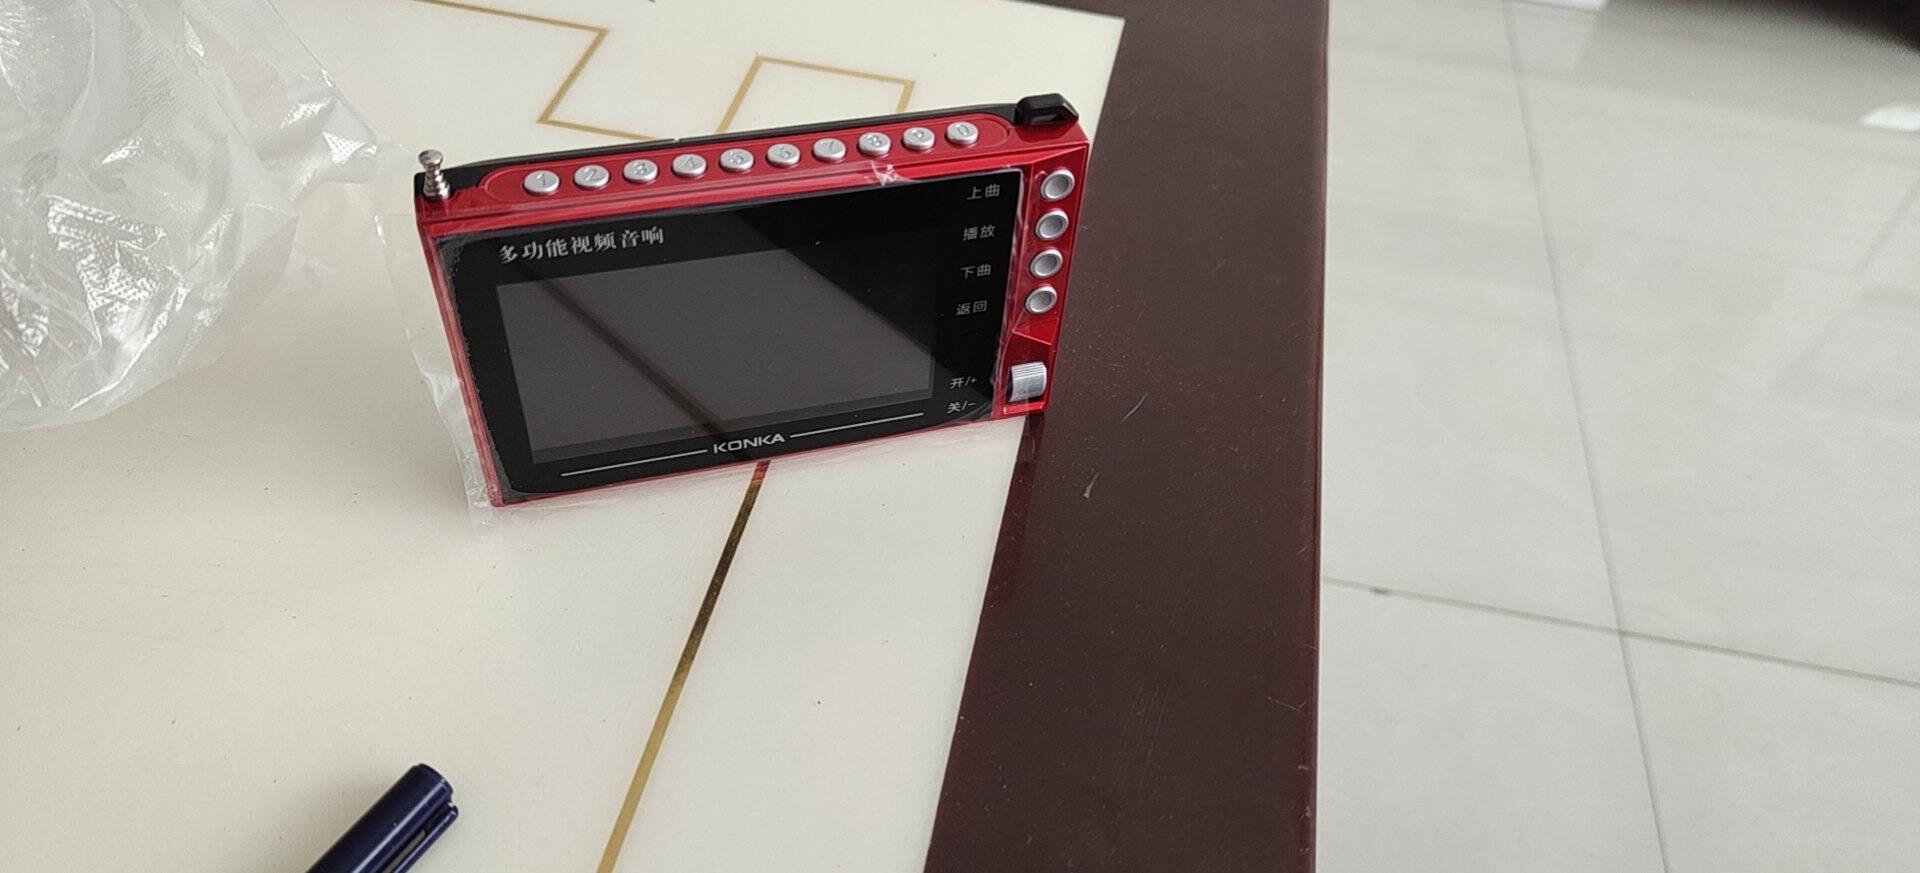 康佳(KONKA)老人收音机便携式看戏机老年人唱戏机视频播放器可视评书内存戏曲歌曲带充电可看电视中国红(升级双倍电量4000毫安)16G内存卡+478点歌本+精选内容